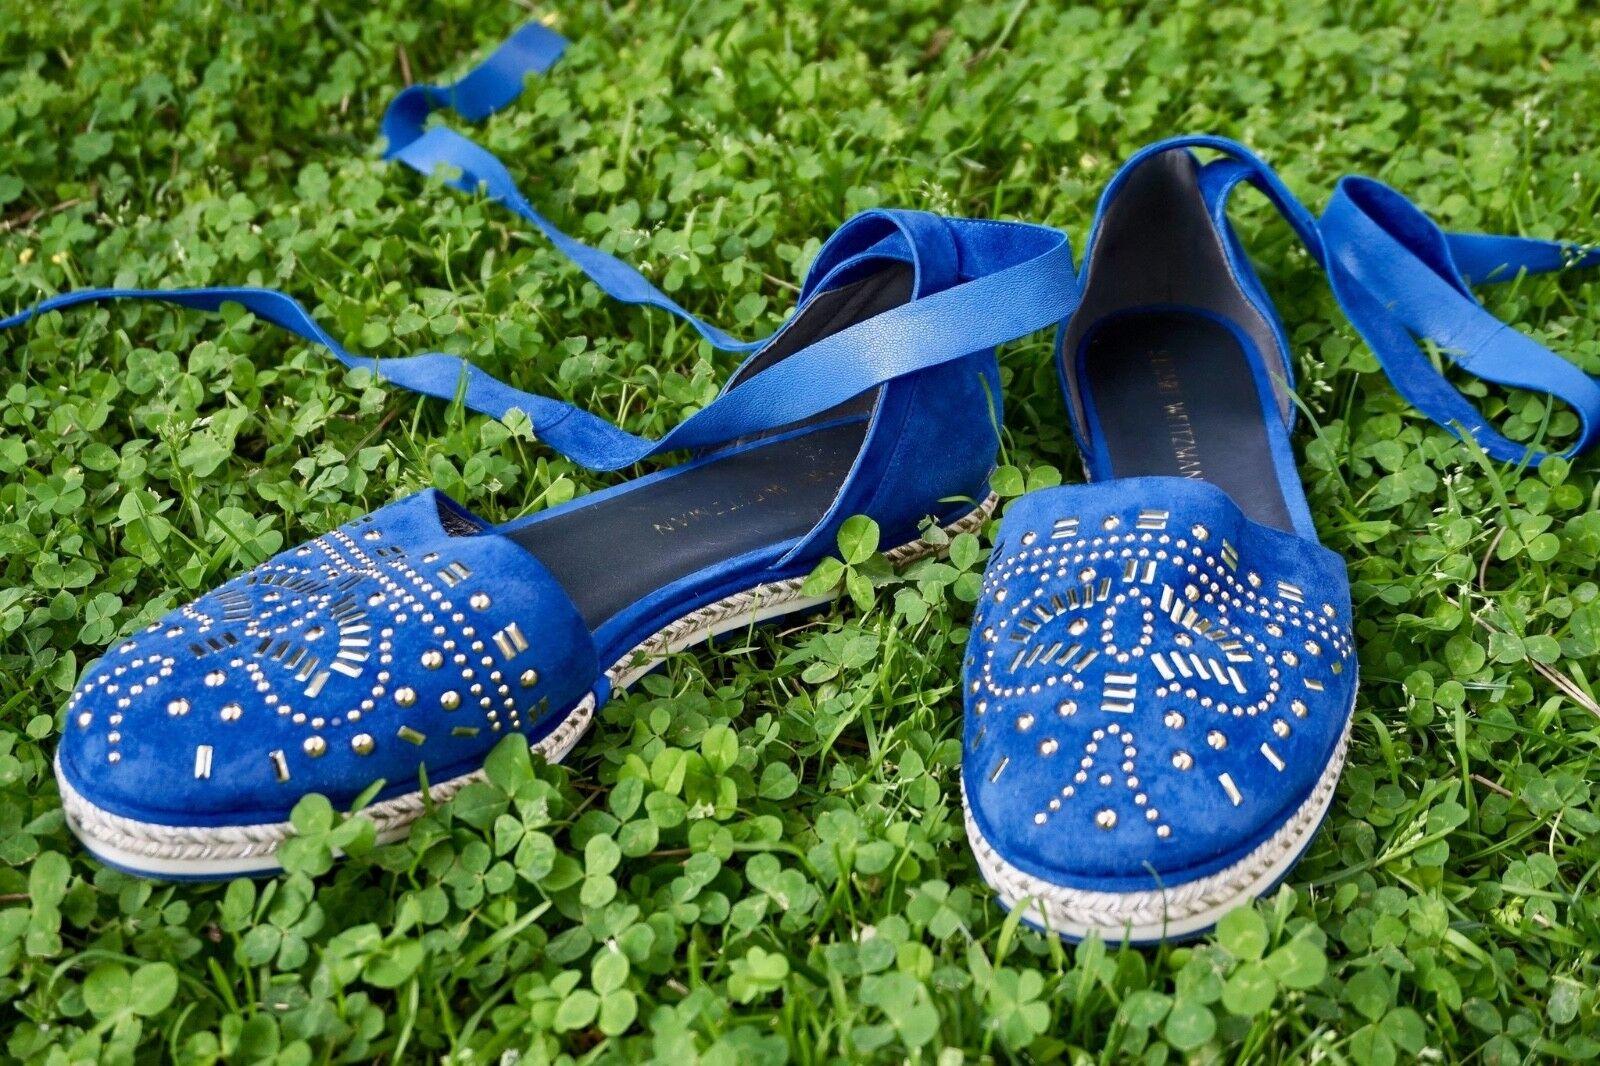 servizio premuroso Stuart Stuart Stuart Weitzman Espadrilles With oro Studs And blu Suede   Designer scarpe   11  risparmia fino al 30-50% di sconto